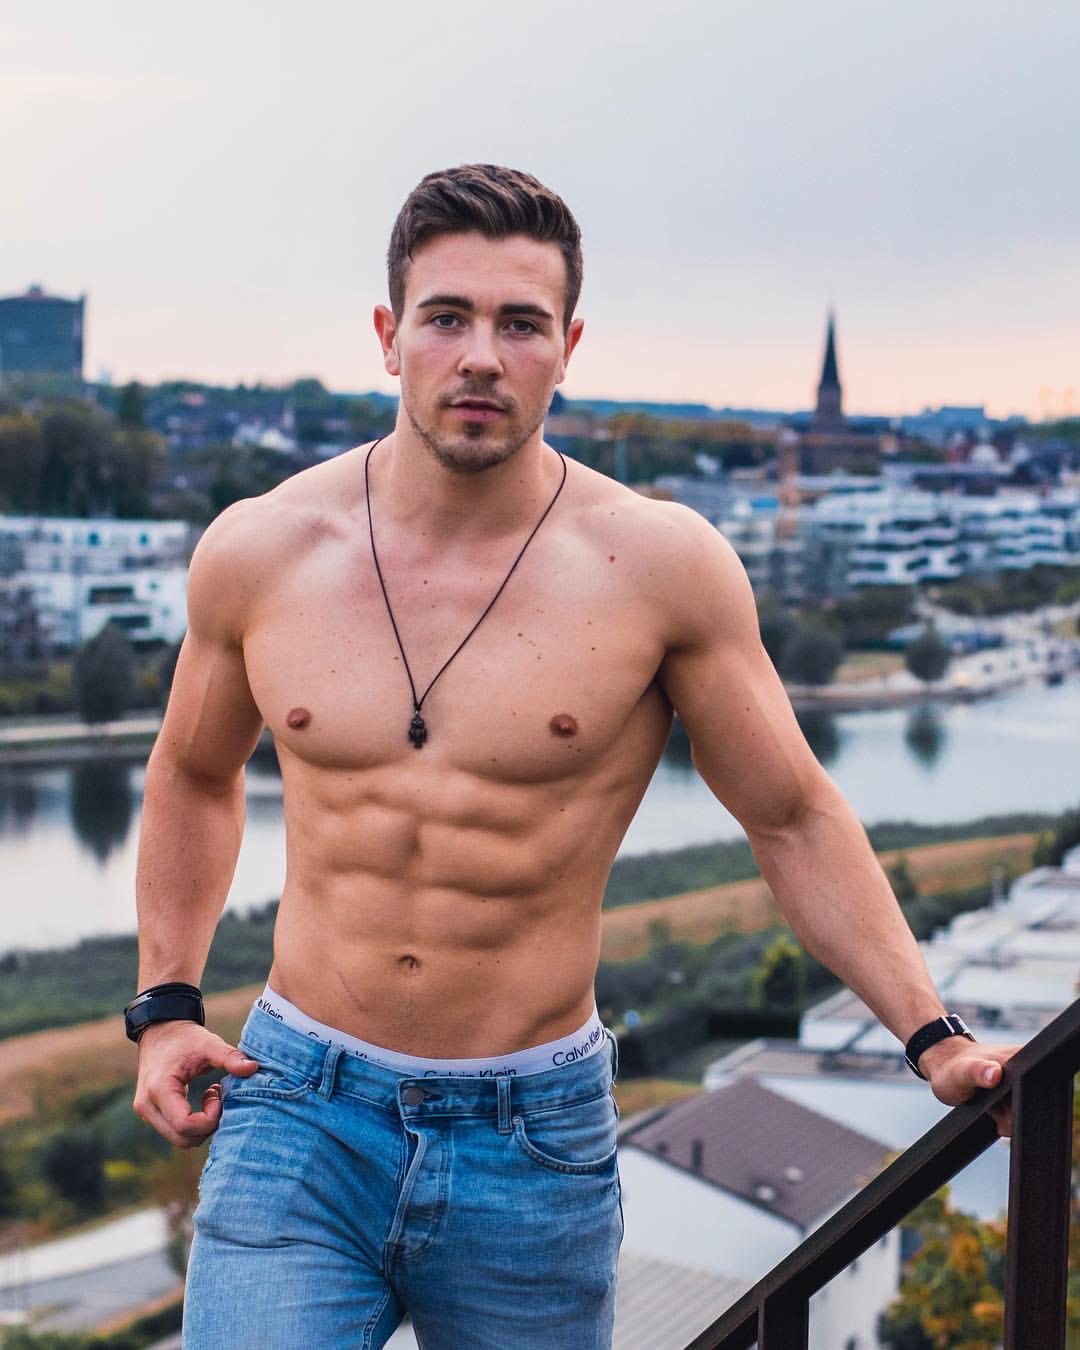 Abraham Mateo Porno Gay shirtless men on the blog: yannik nash shirtless